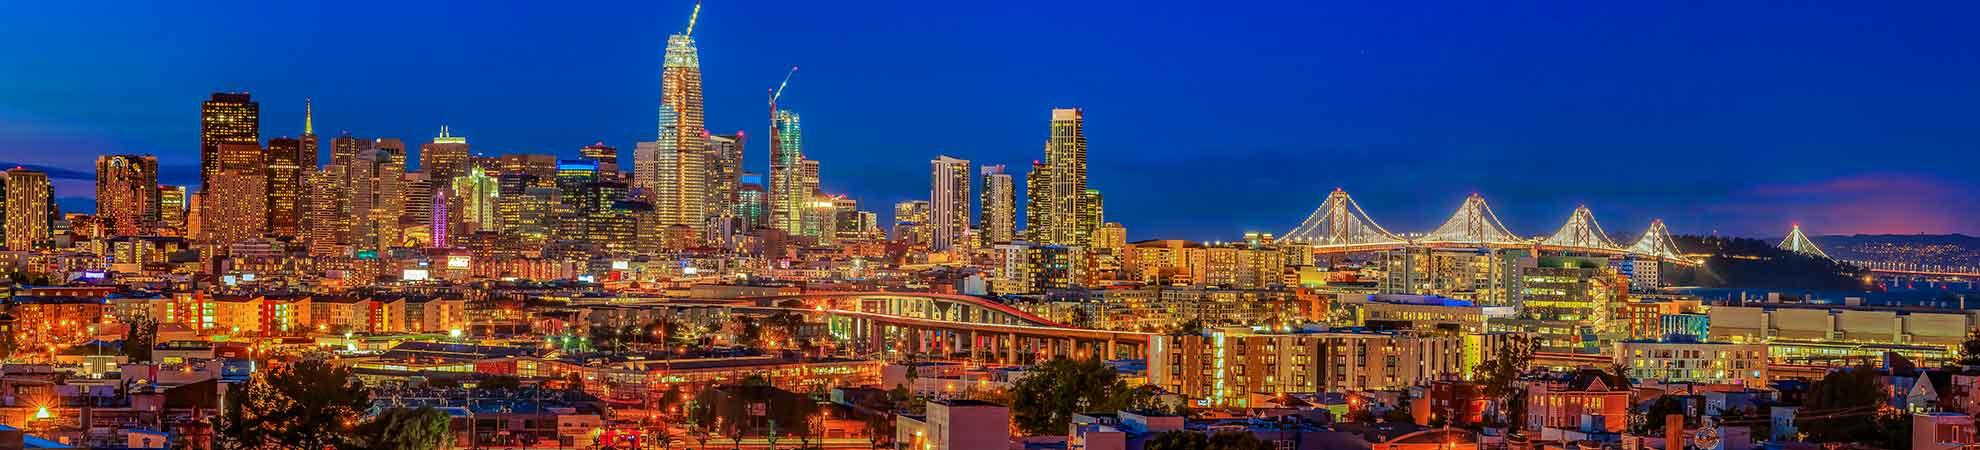 Séjour San Francisco tout compris - Voyage aux Etats-Unis